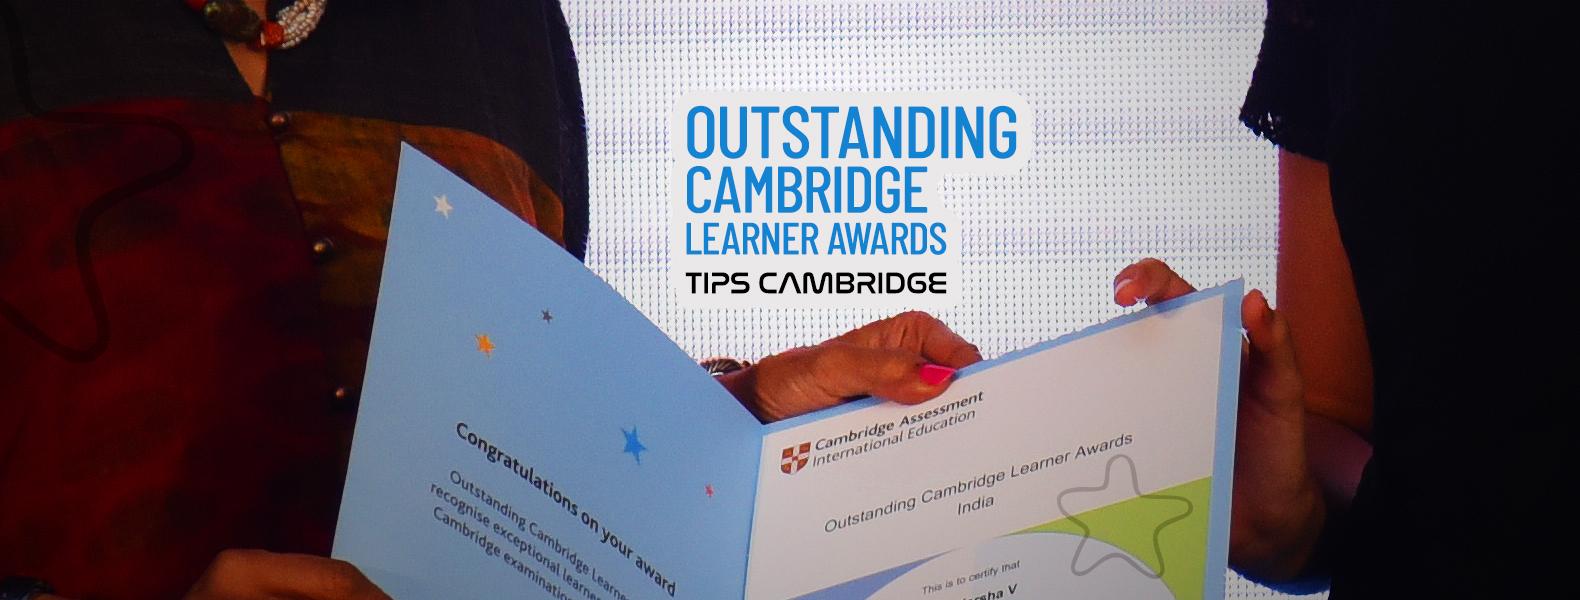 TIPS Cambridge - Outstanding Cambridge Learners Award